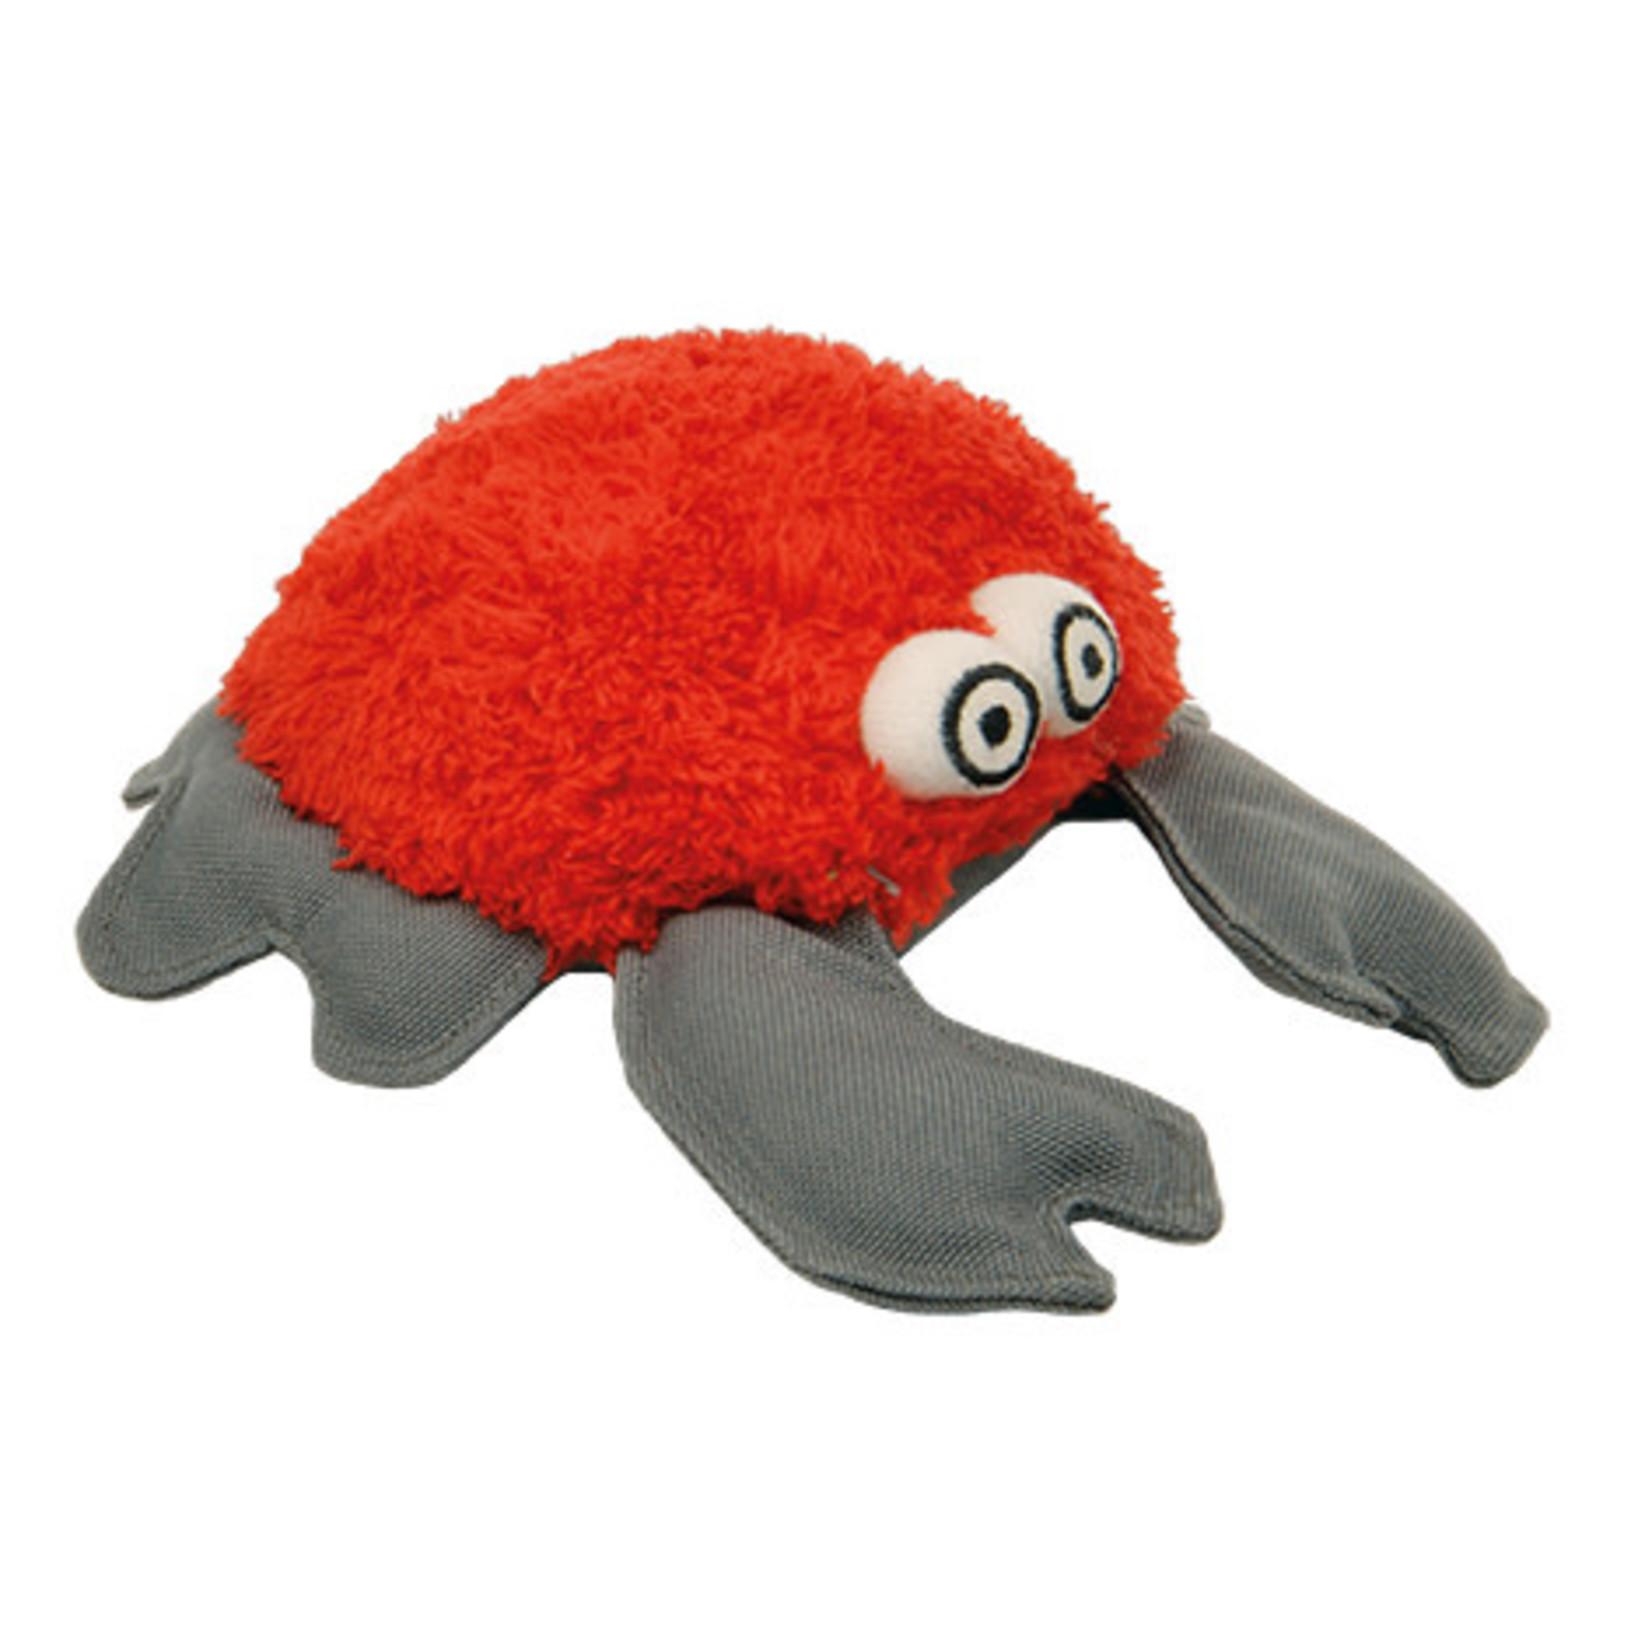 Petlando Floaterz Mr. Crab